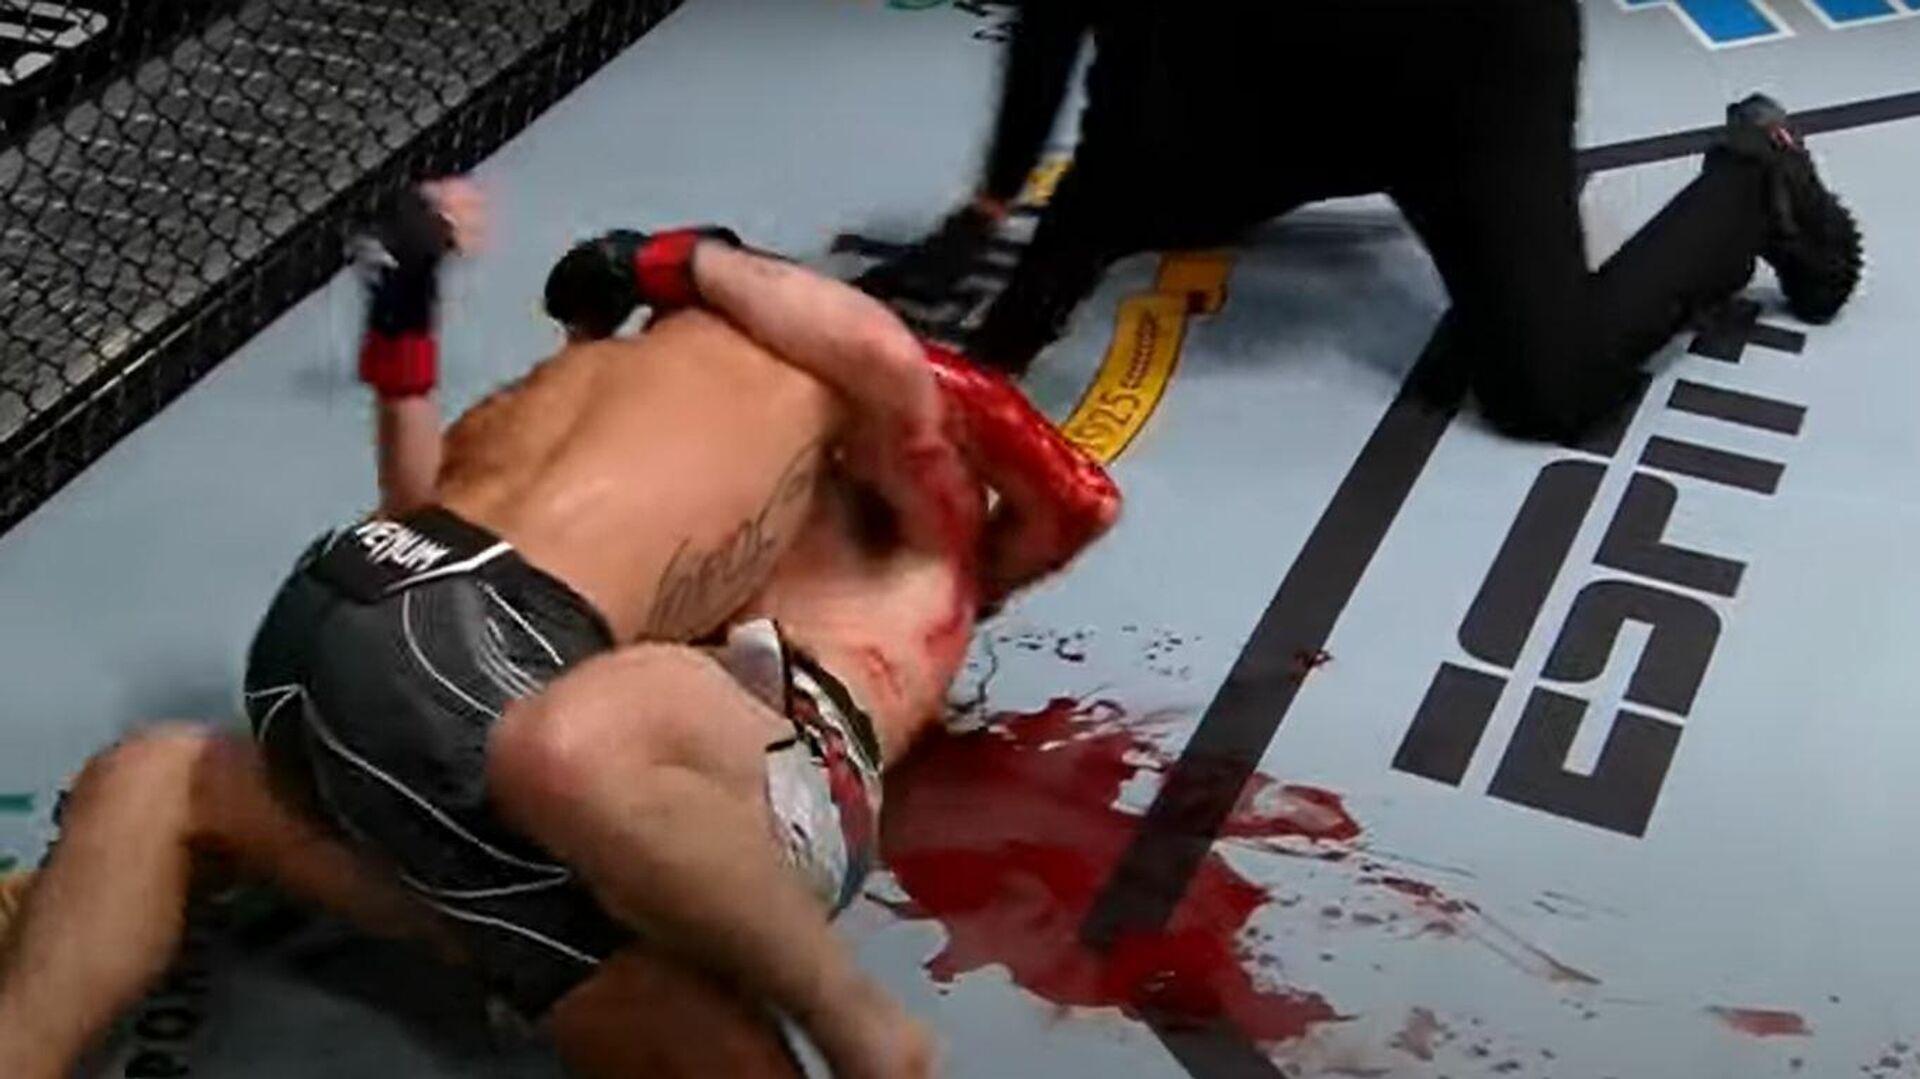 Αίματα στο ρινγκ σε αγώνα UFC - Sputnik Ελλάδα, 1920, 11.10.2021